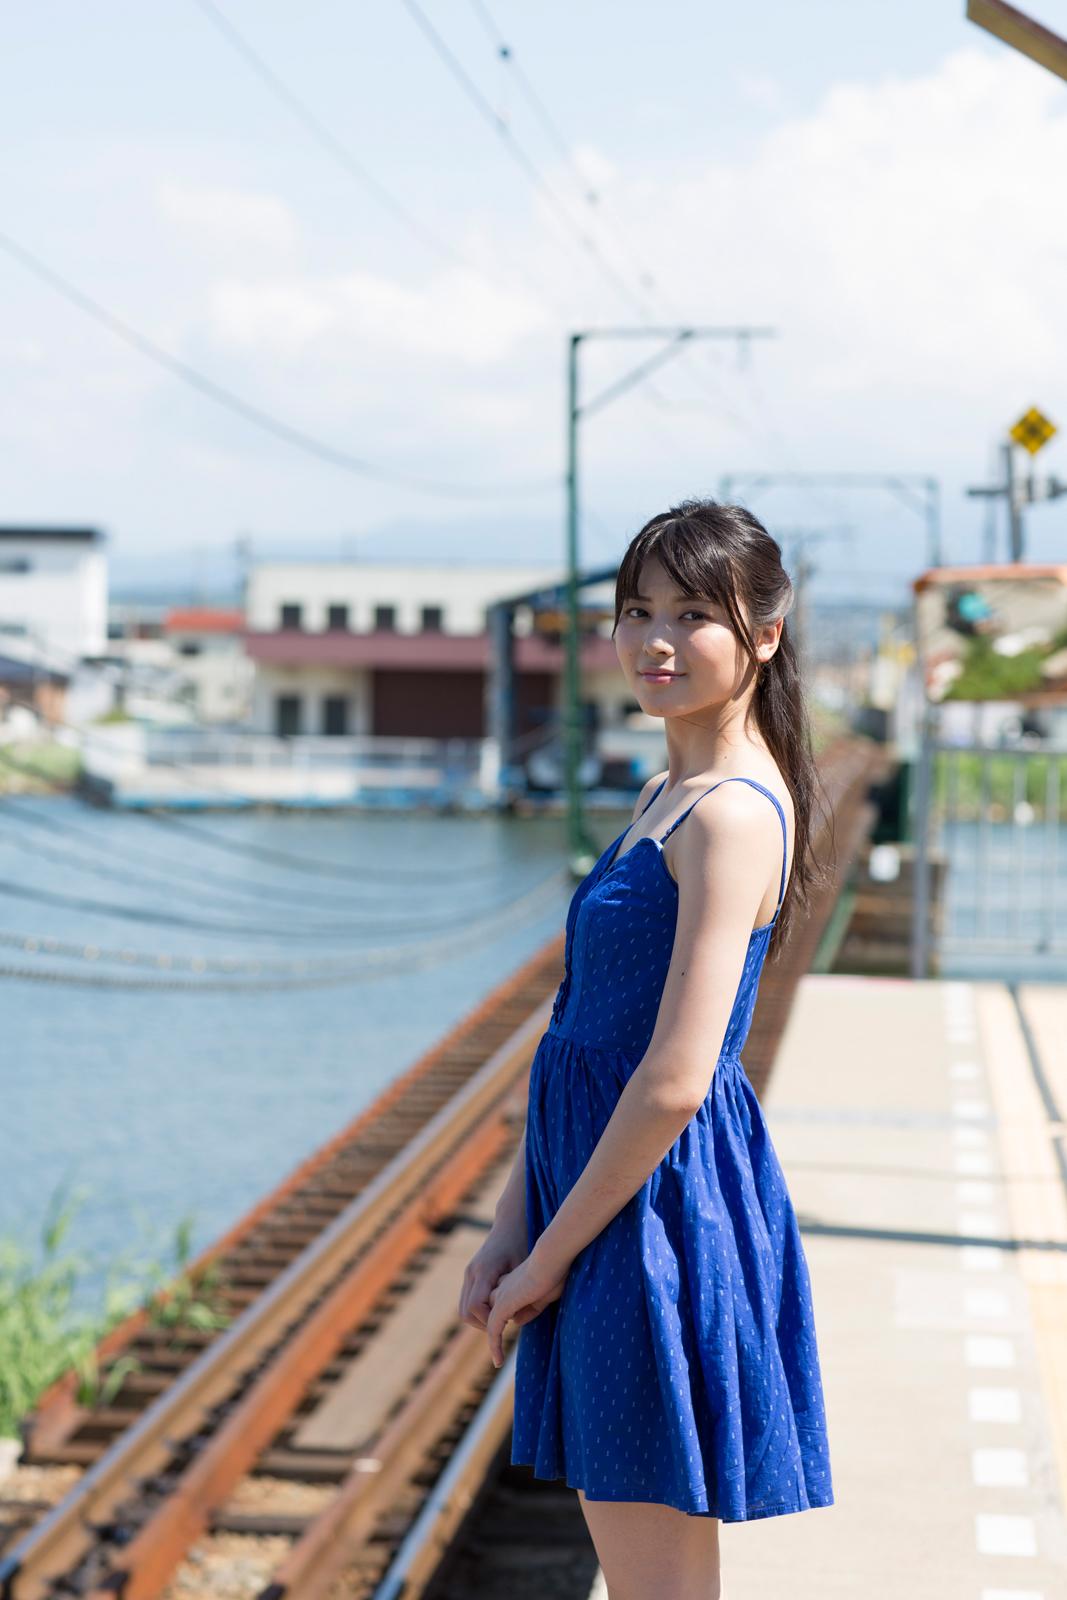 ローカル線 駅 紺のベアトップワンピ 矢島舞美 1